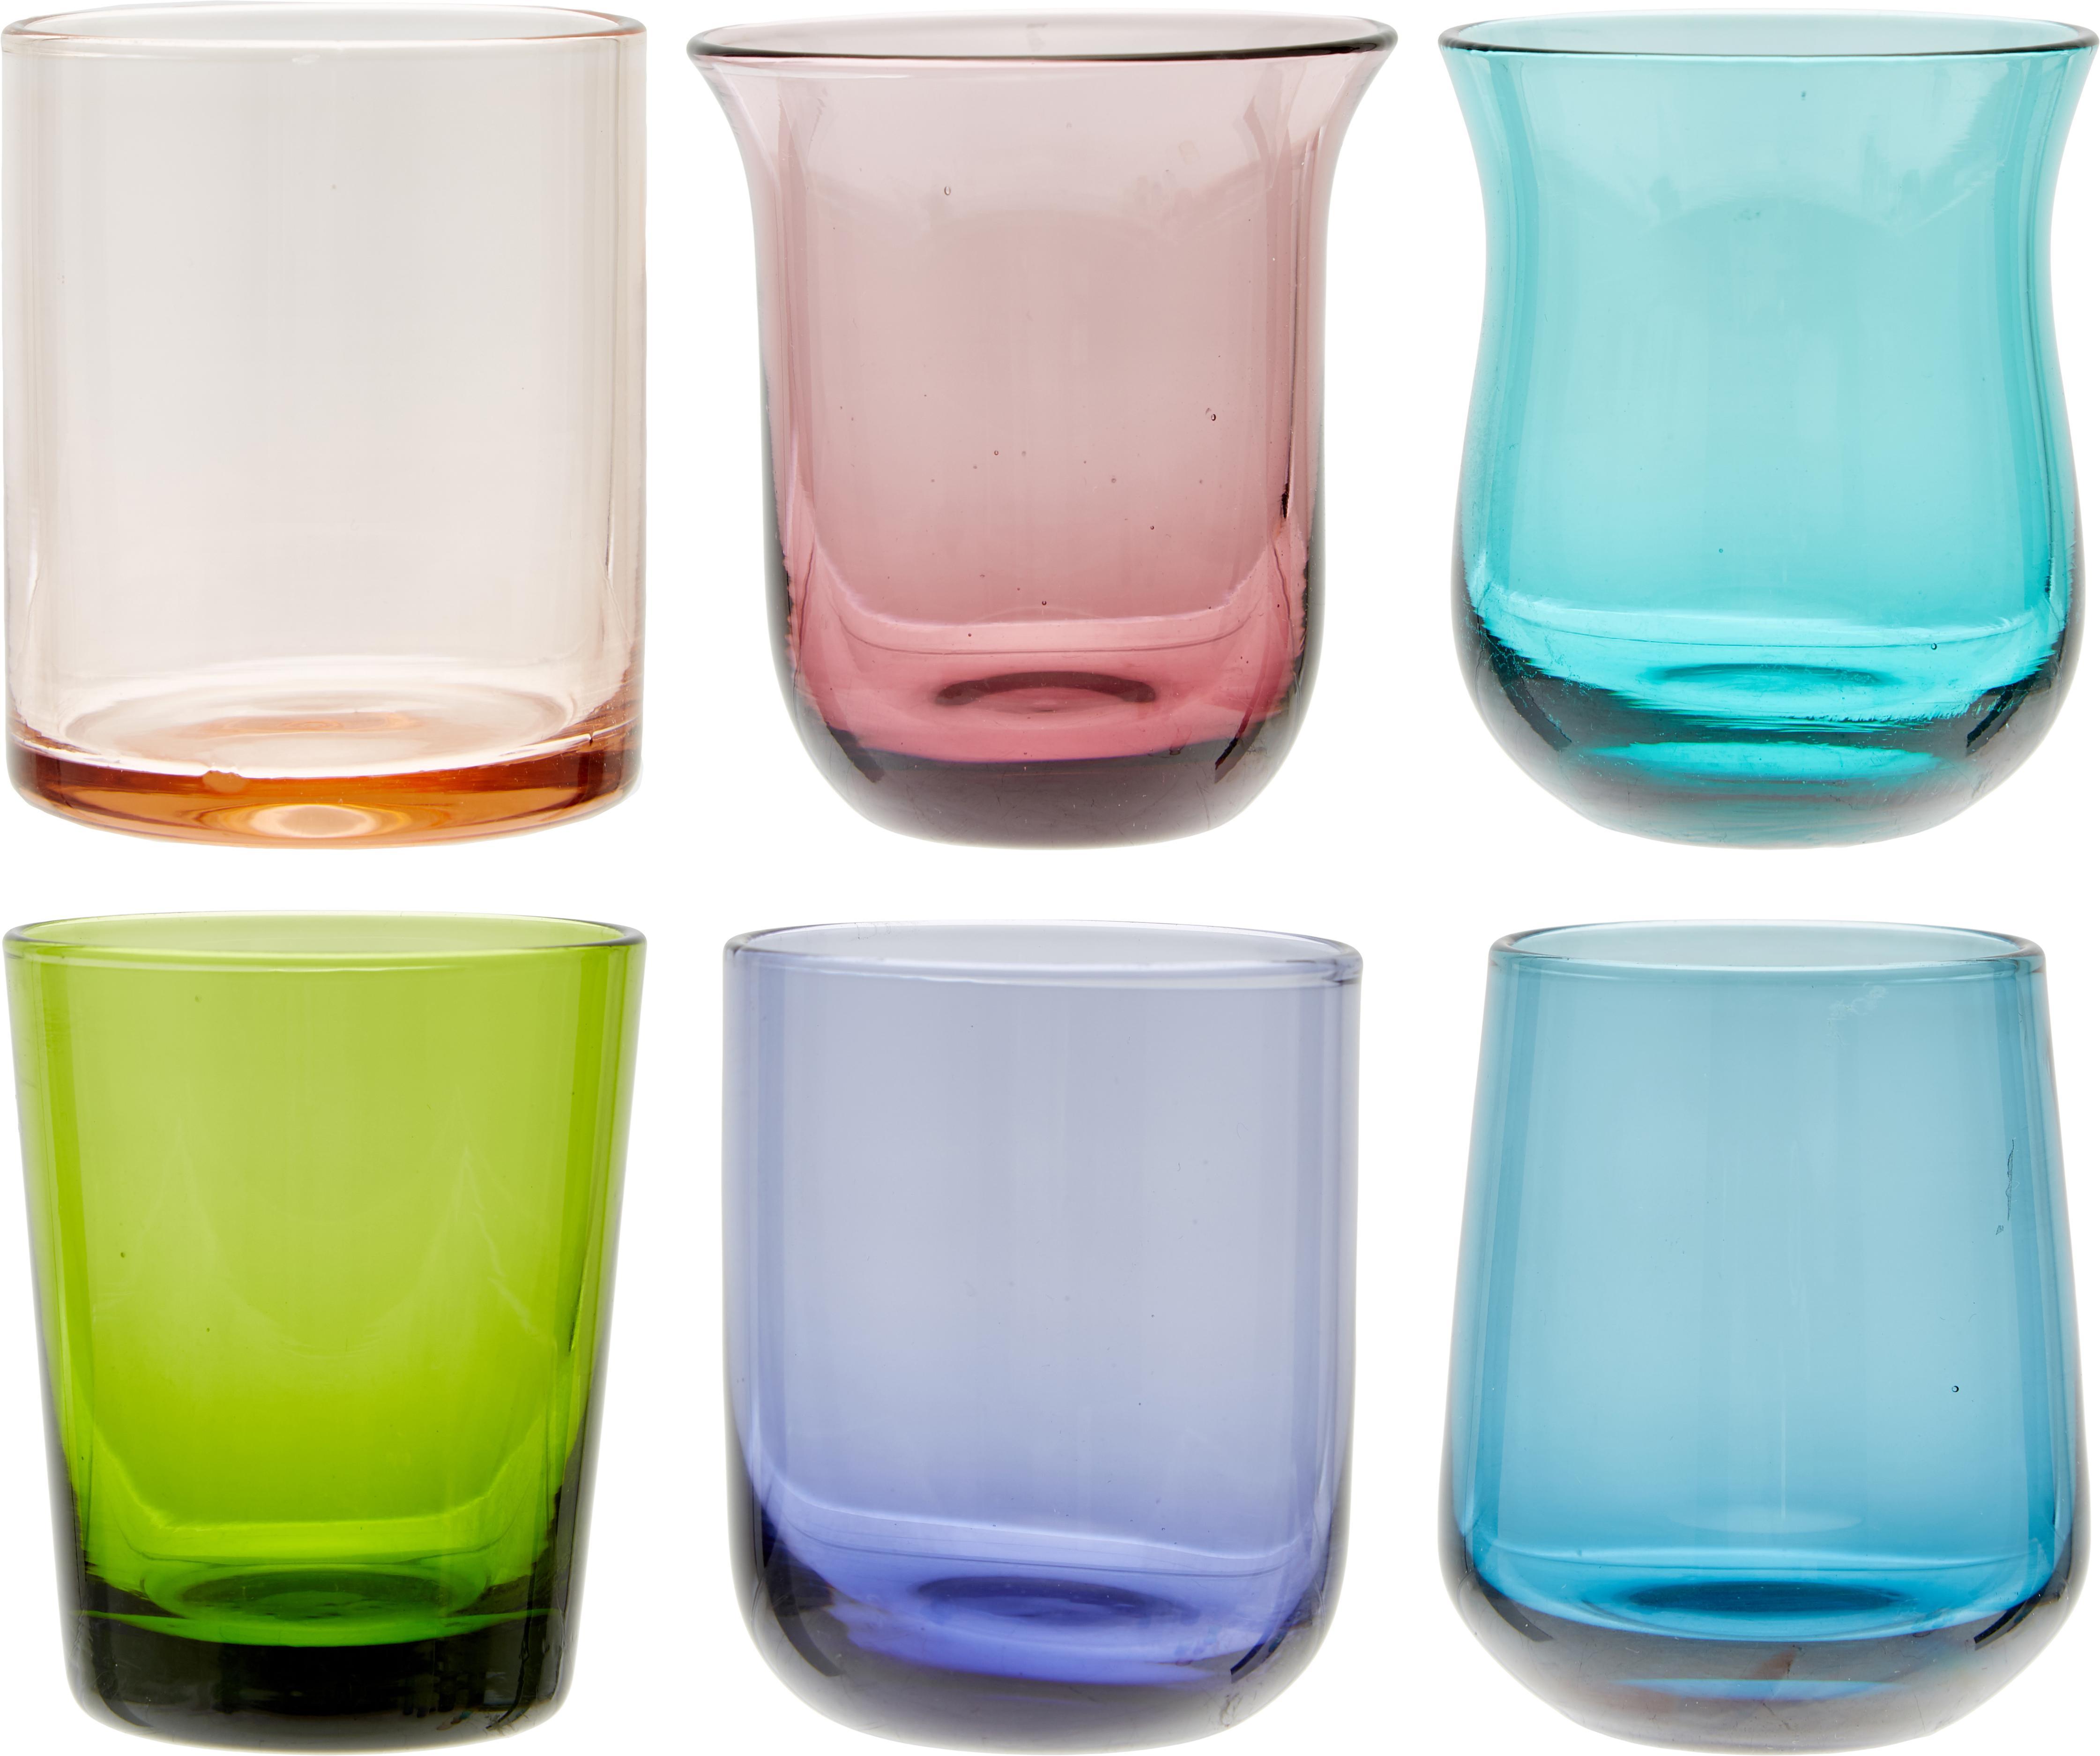 Mundgeblasene Schnapsgläser Desigual in Bunt, 6er-Set, Glas, mundgeblasen, Mehrfarbig, Ø 6 x H 6 cm